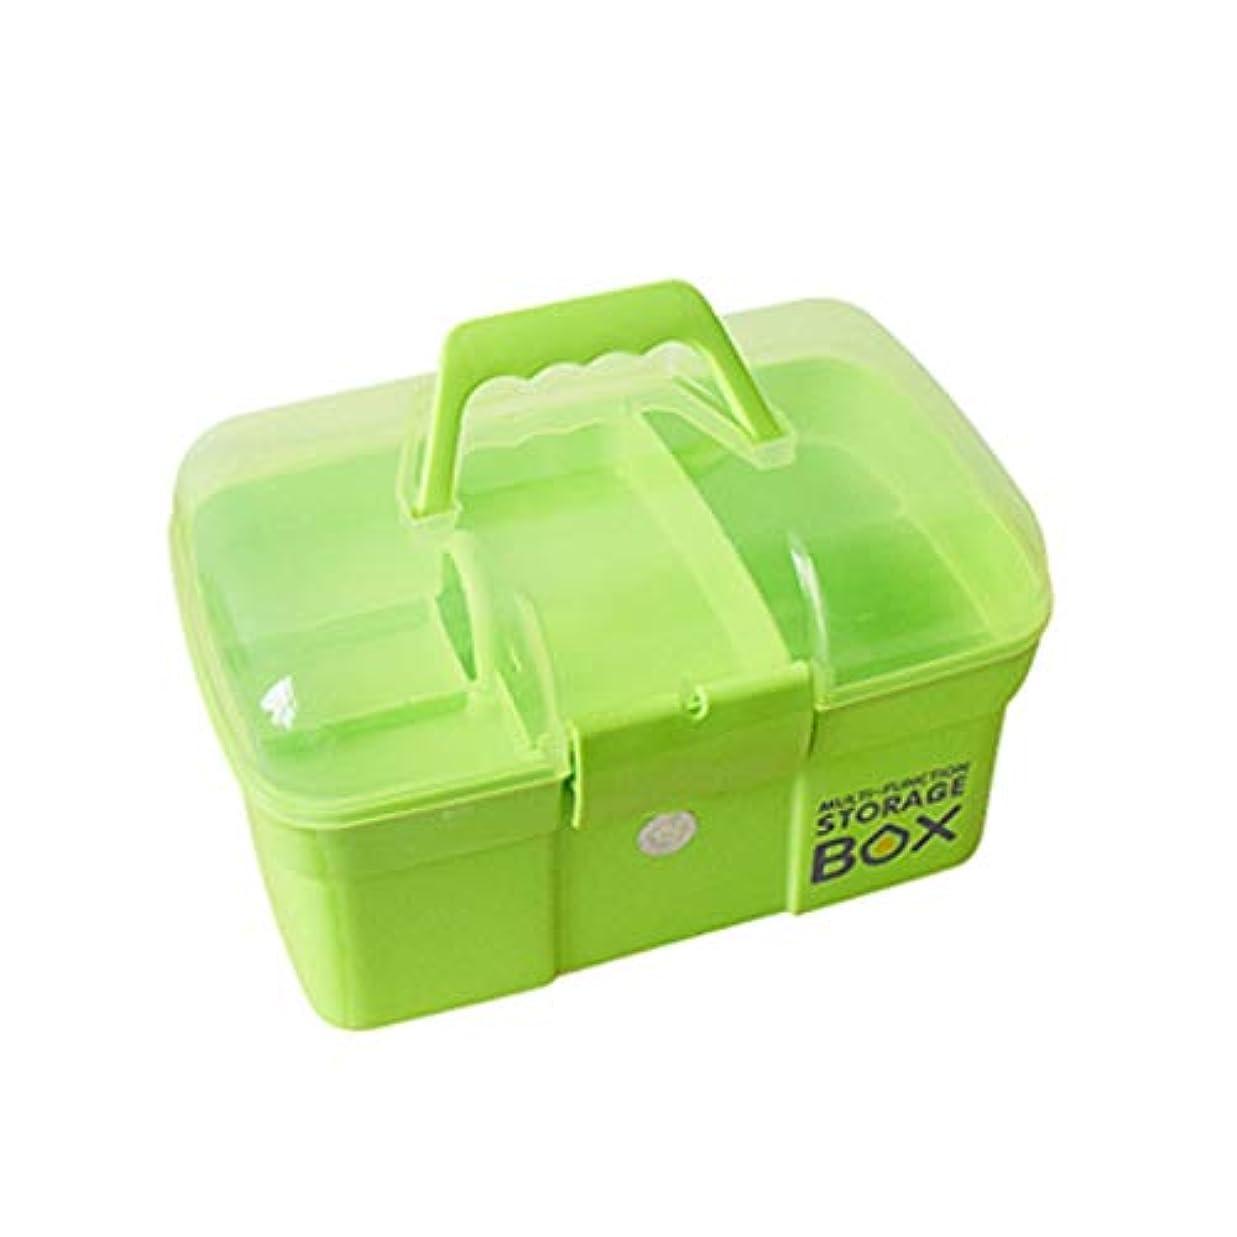 タップ層アマチュアZWYHSD 救急セット 医療用ボックス収納、二重層収納ボックス救急箱、大型雑貨ボックス ホーム、旅行、職場 (Color : Green, Size : L)